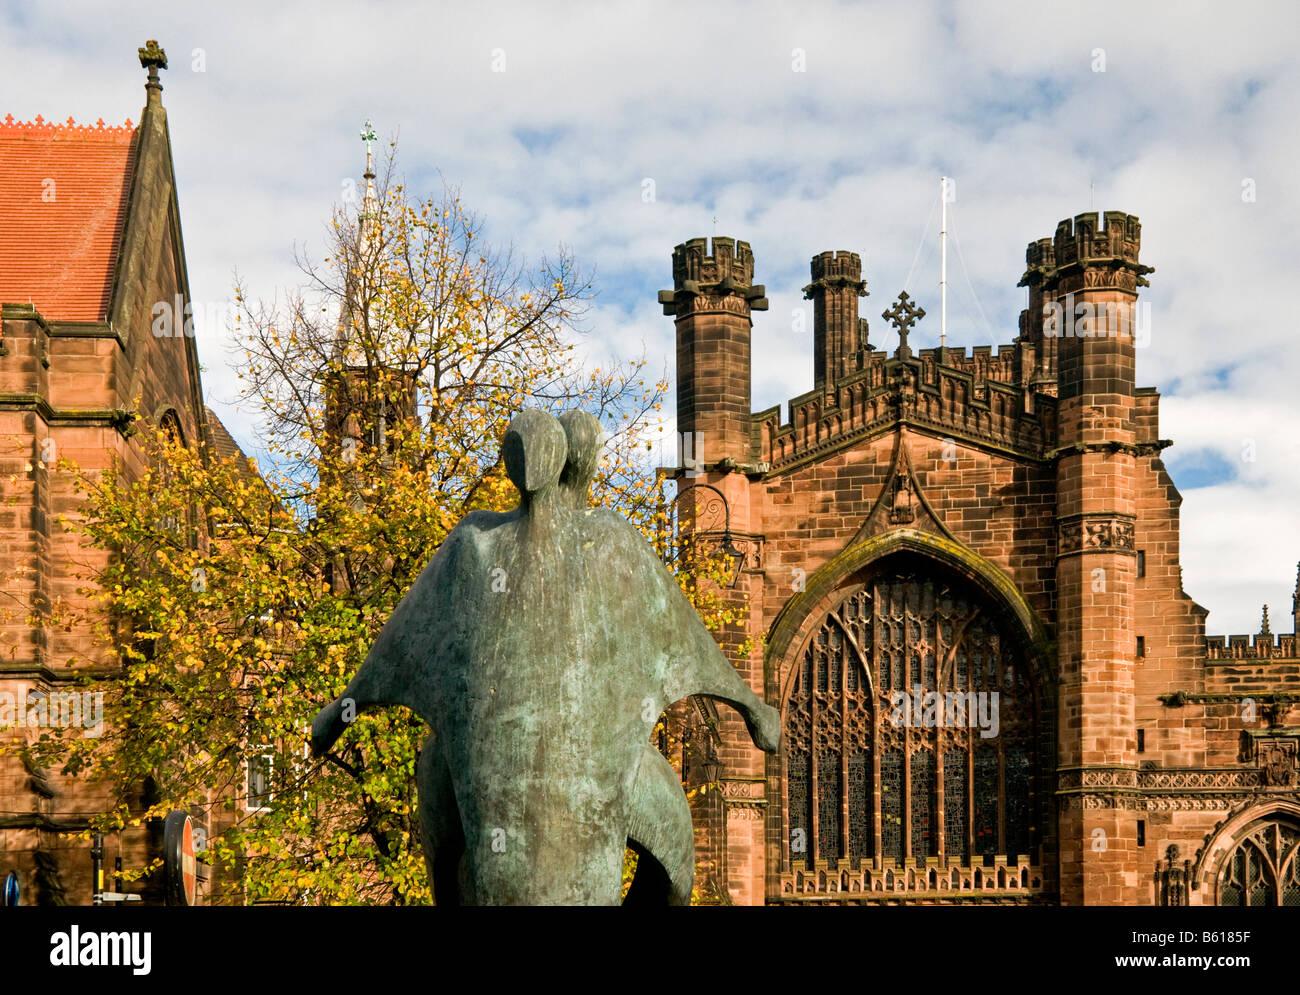 Die Scupture mit dem Titel Schutz stehen im Schatten der Kathedrale von Chester, Chester, Cheshire, England, UK Stockbild